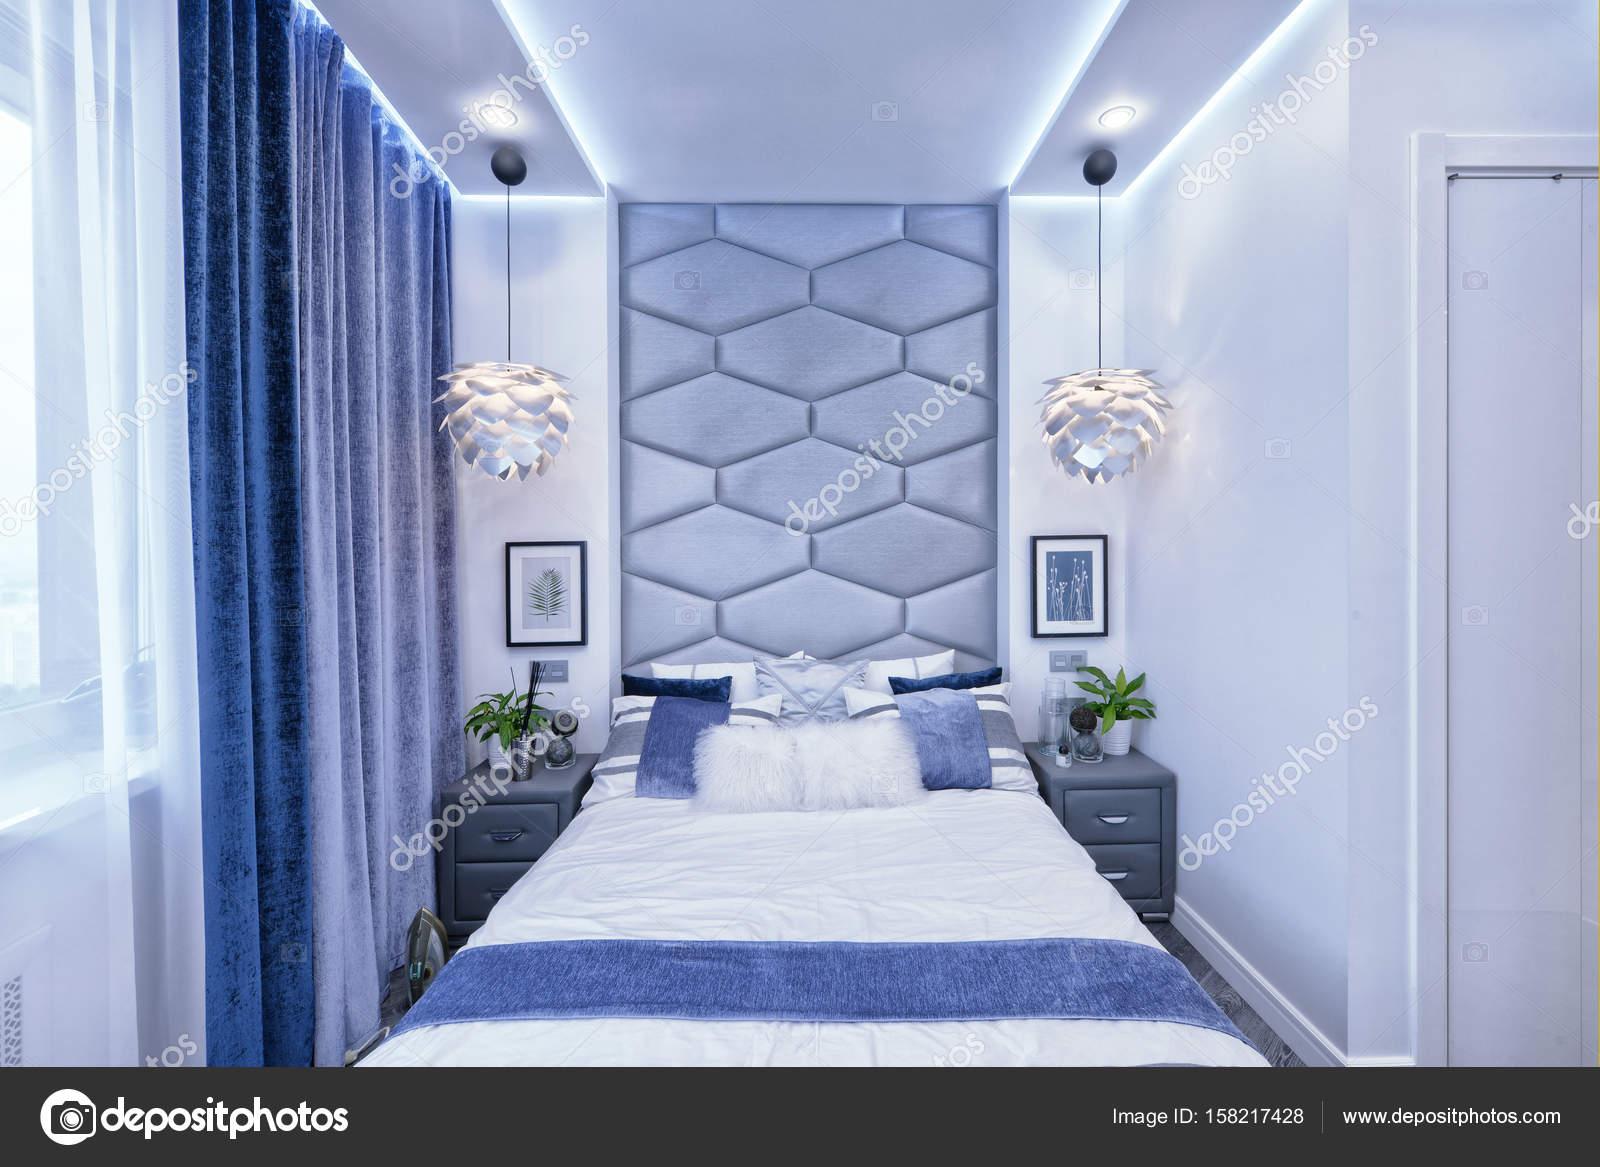 Nowoczesny Design Wnętrza Sypialni W Odcieniach Szarości I